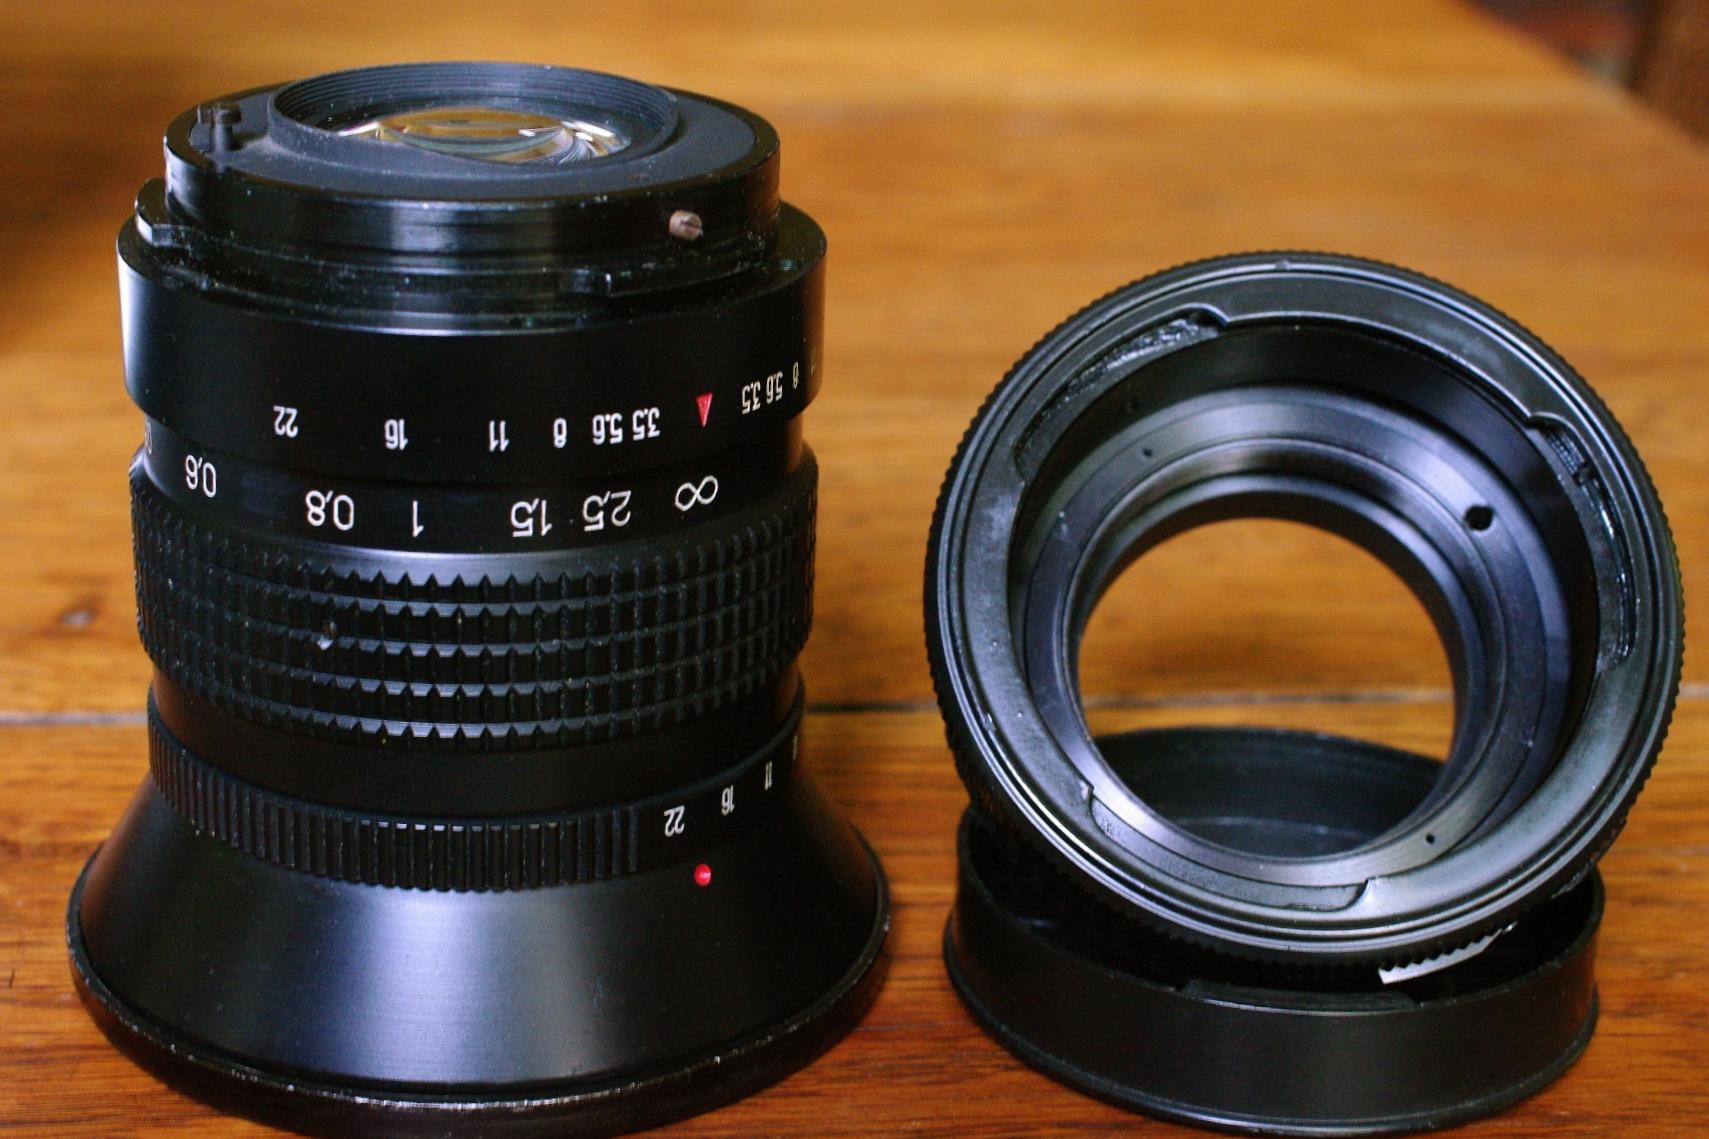 Pentax г 201aіг453і6 pentacon six линза - m42 адаптер для крепления